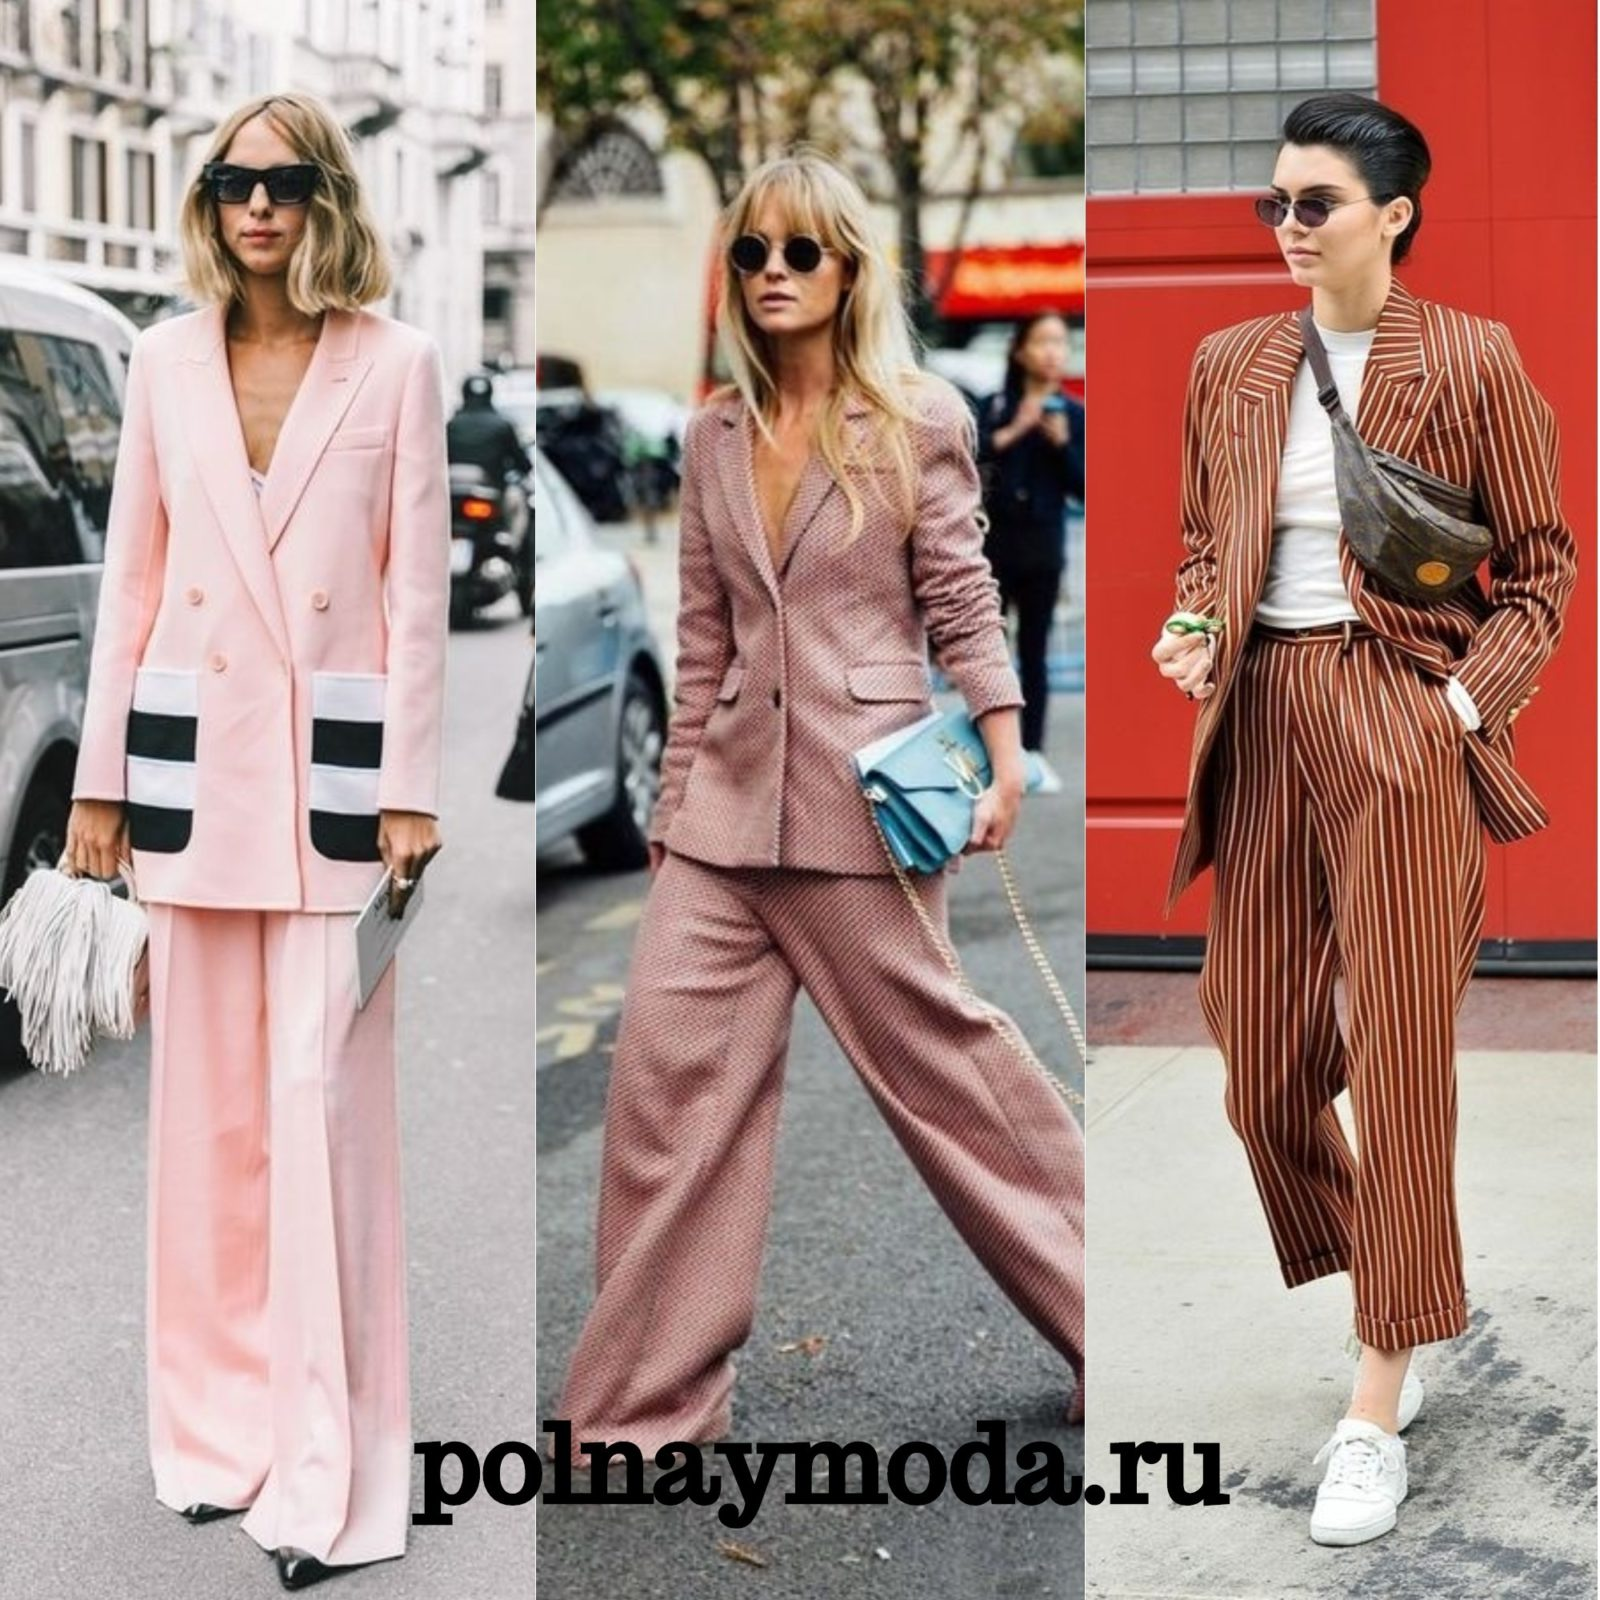 уличная мода 2018 брючные костюмы в клетку полоску розовые с широкими брюками